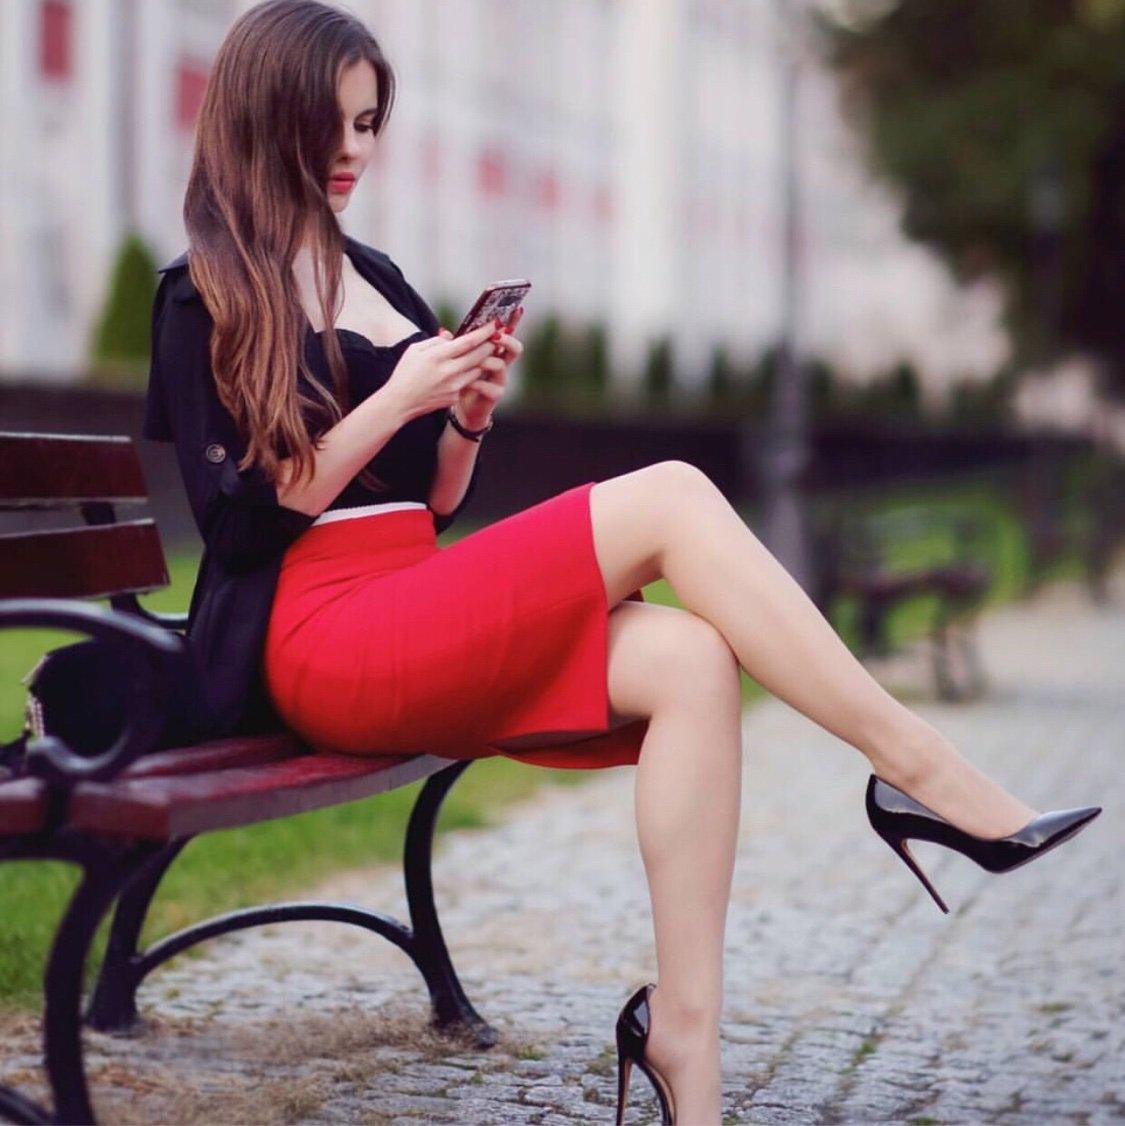 галерея девушек на каблуках этой причине